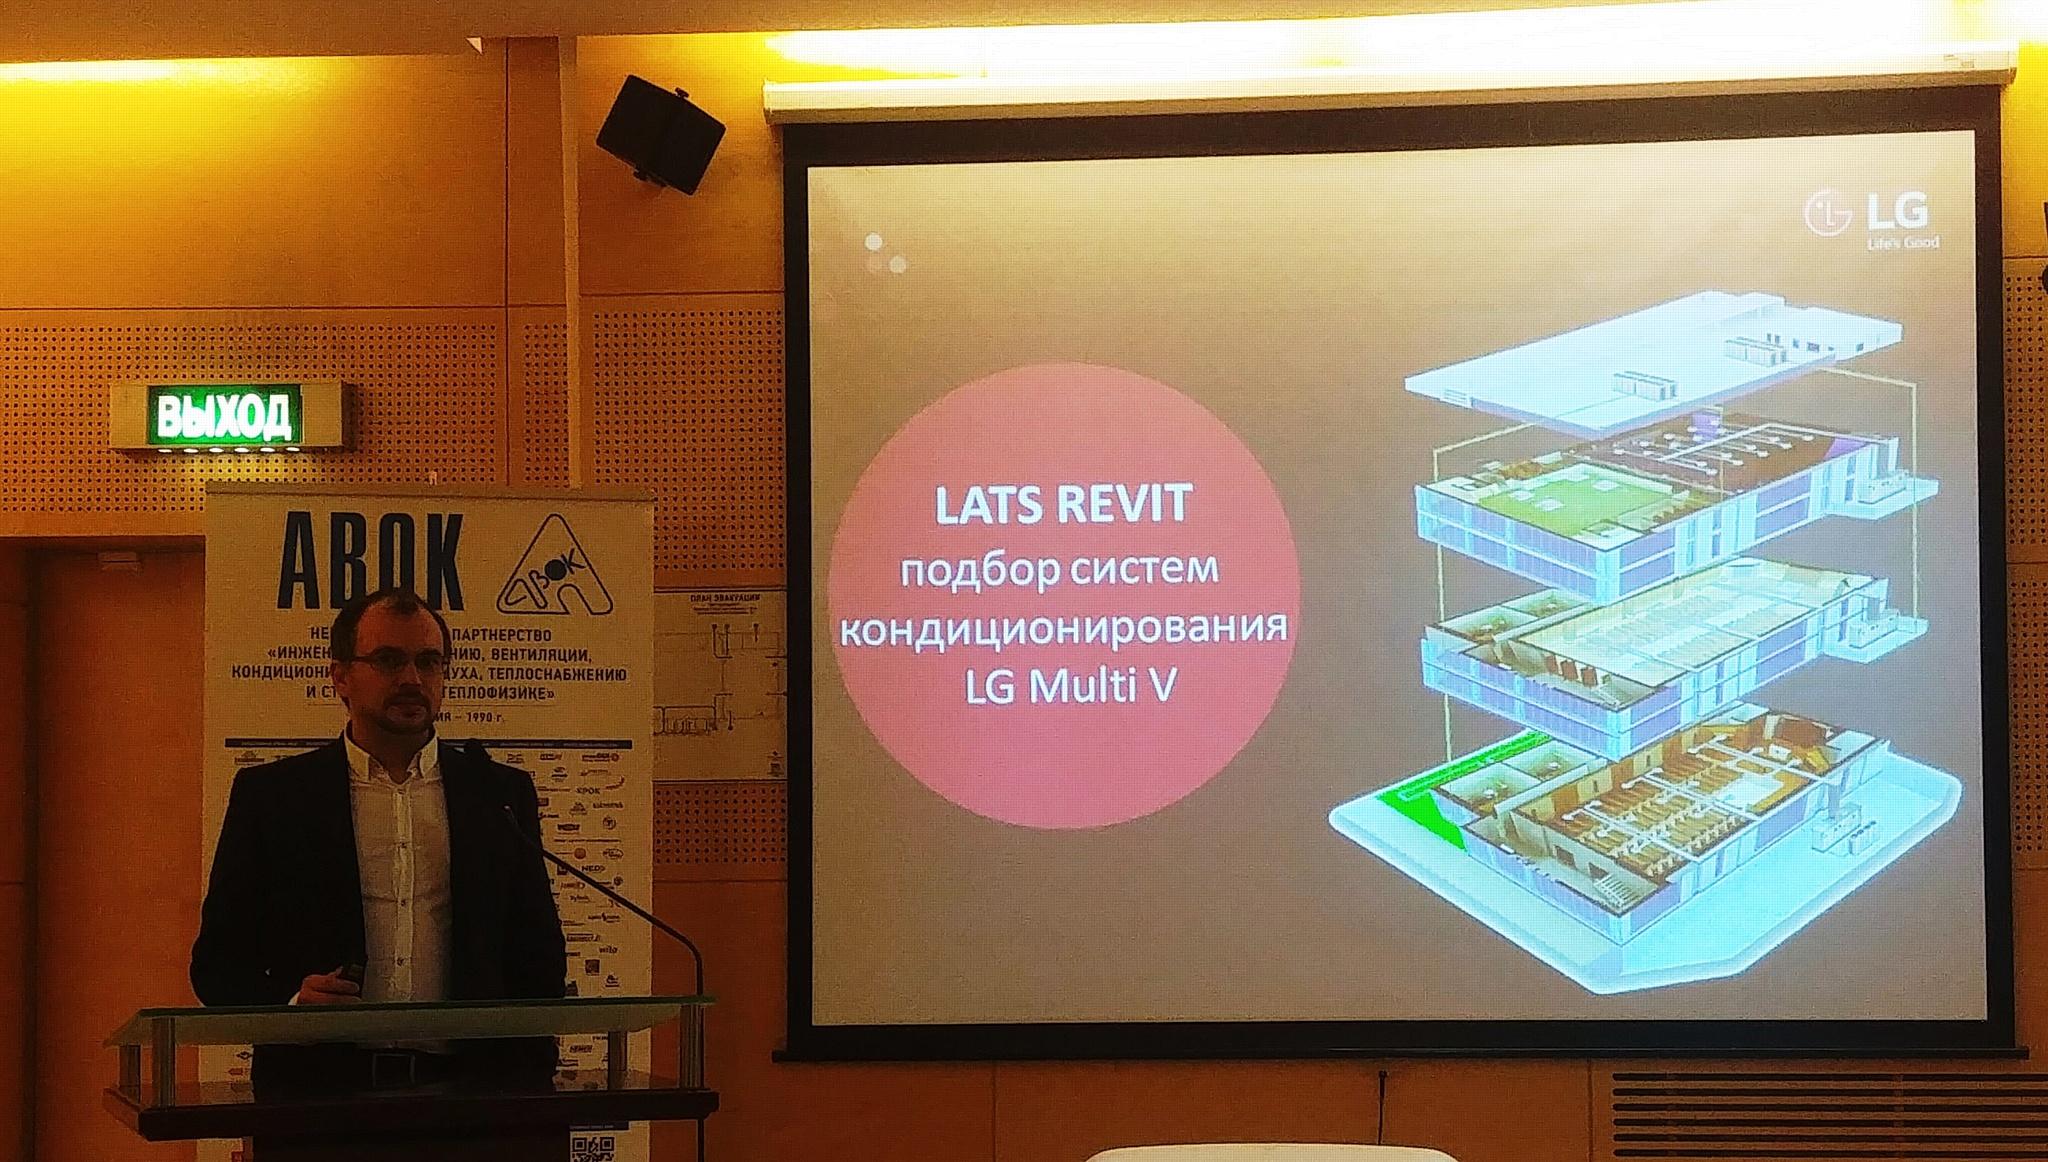 LG Electronics приняла участие в конференции Авок в рамках международной выставки